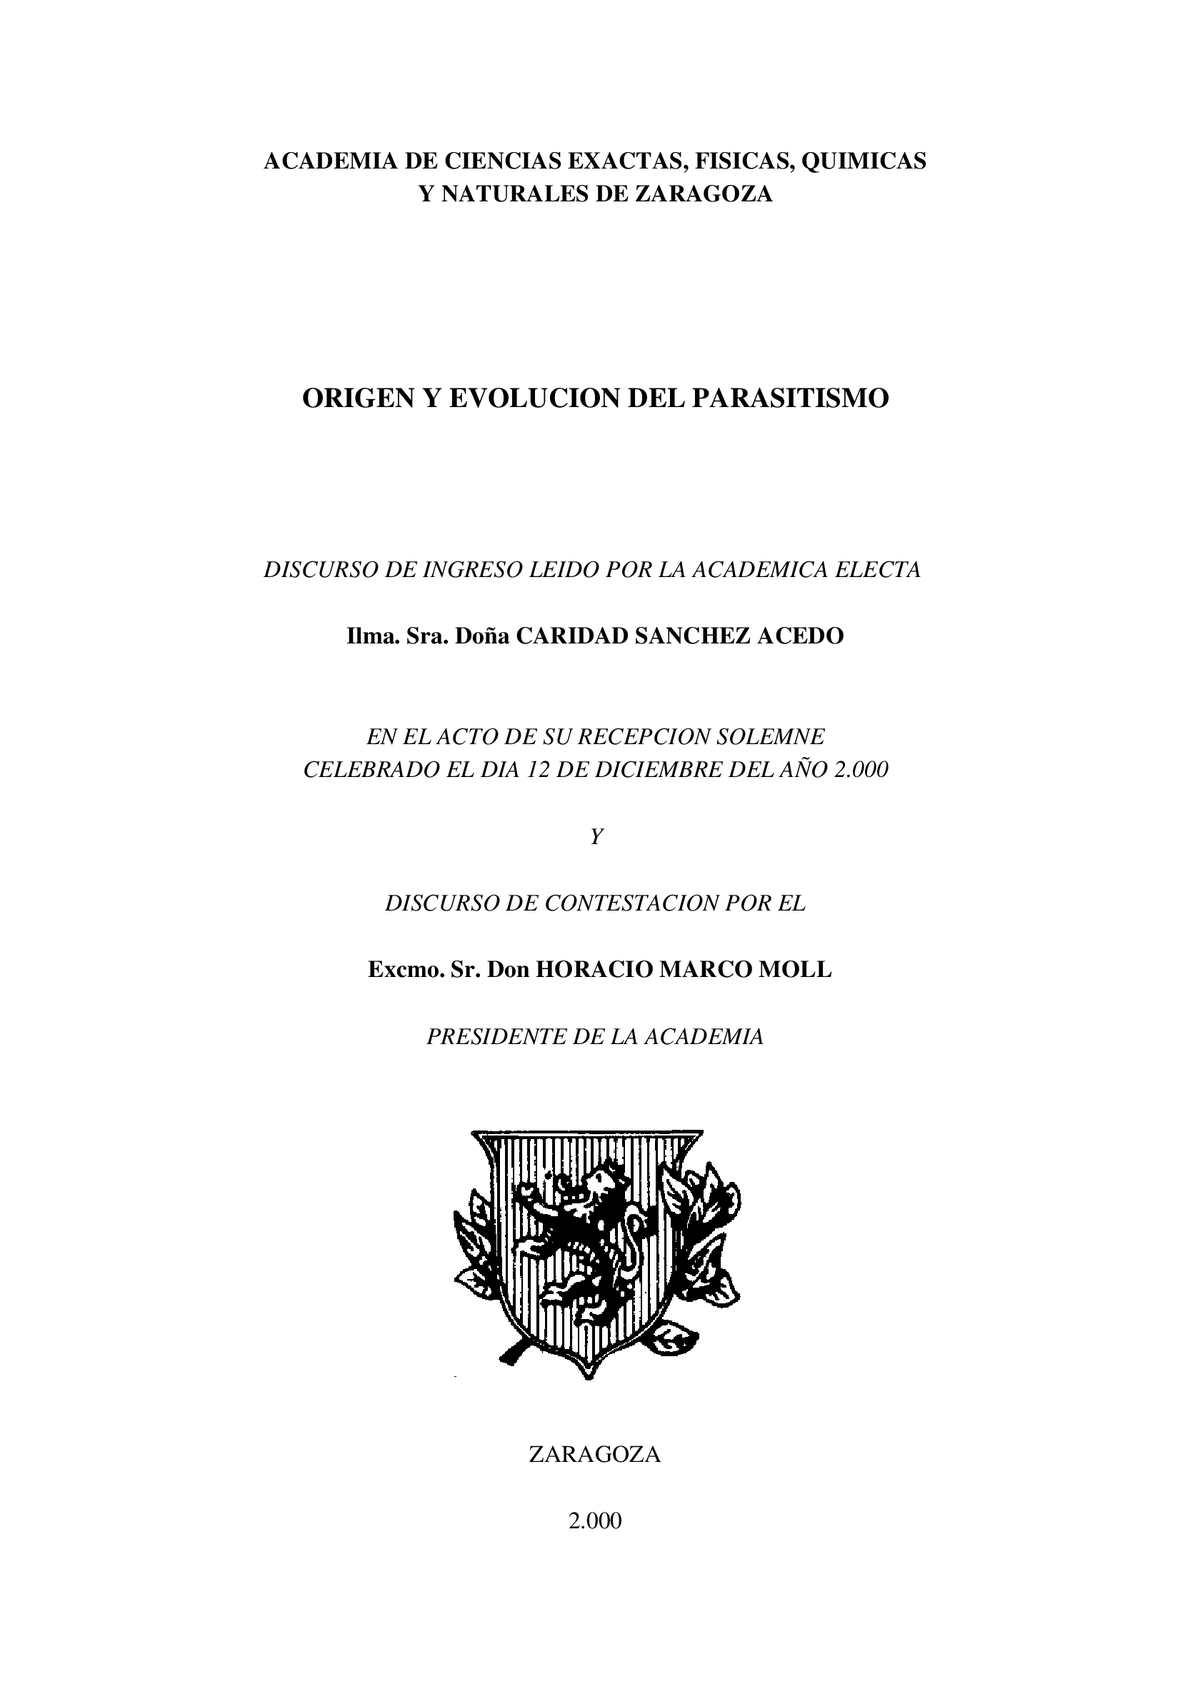 Calaméo - origen de los parasitos